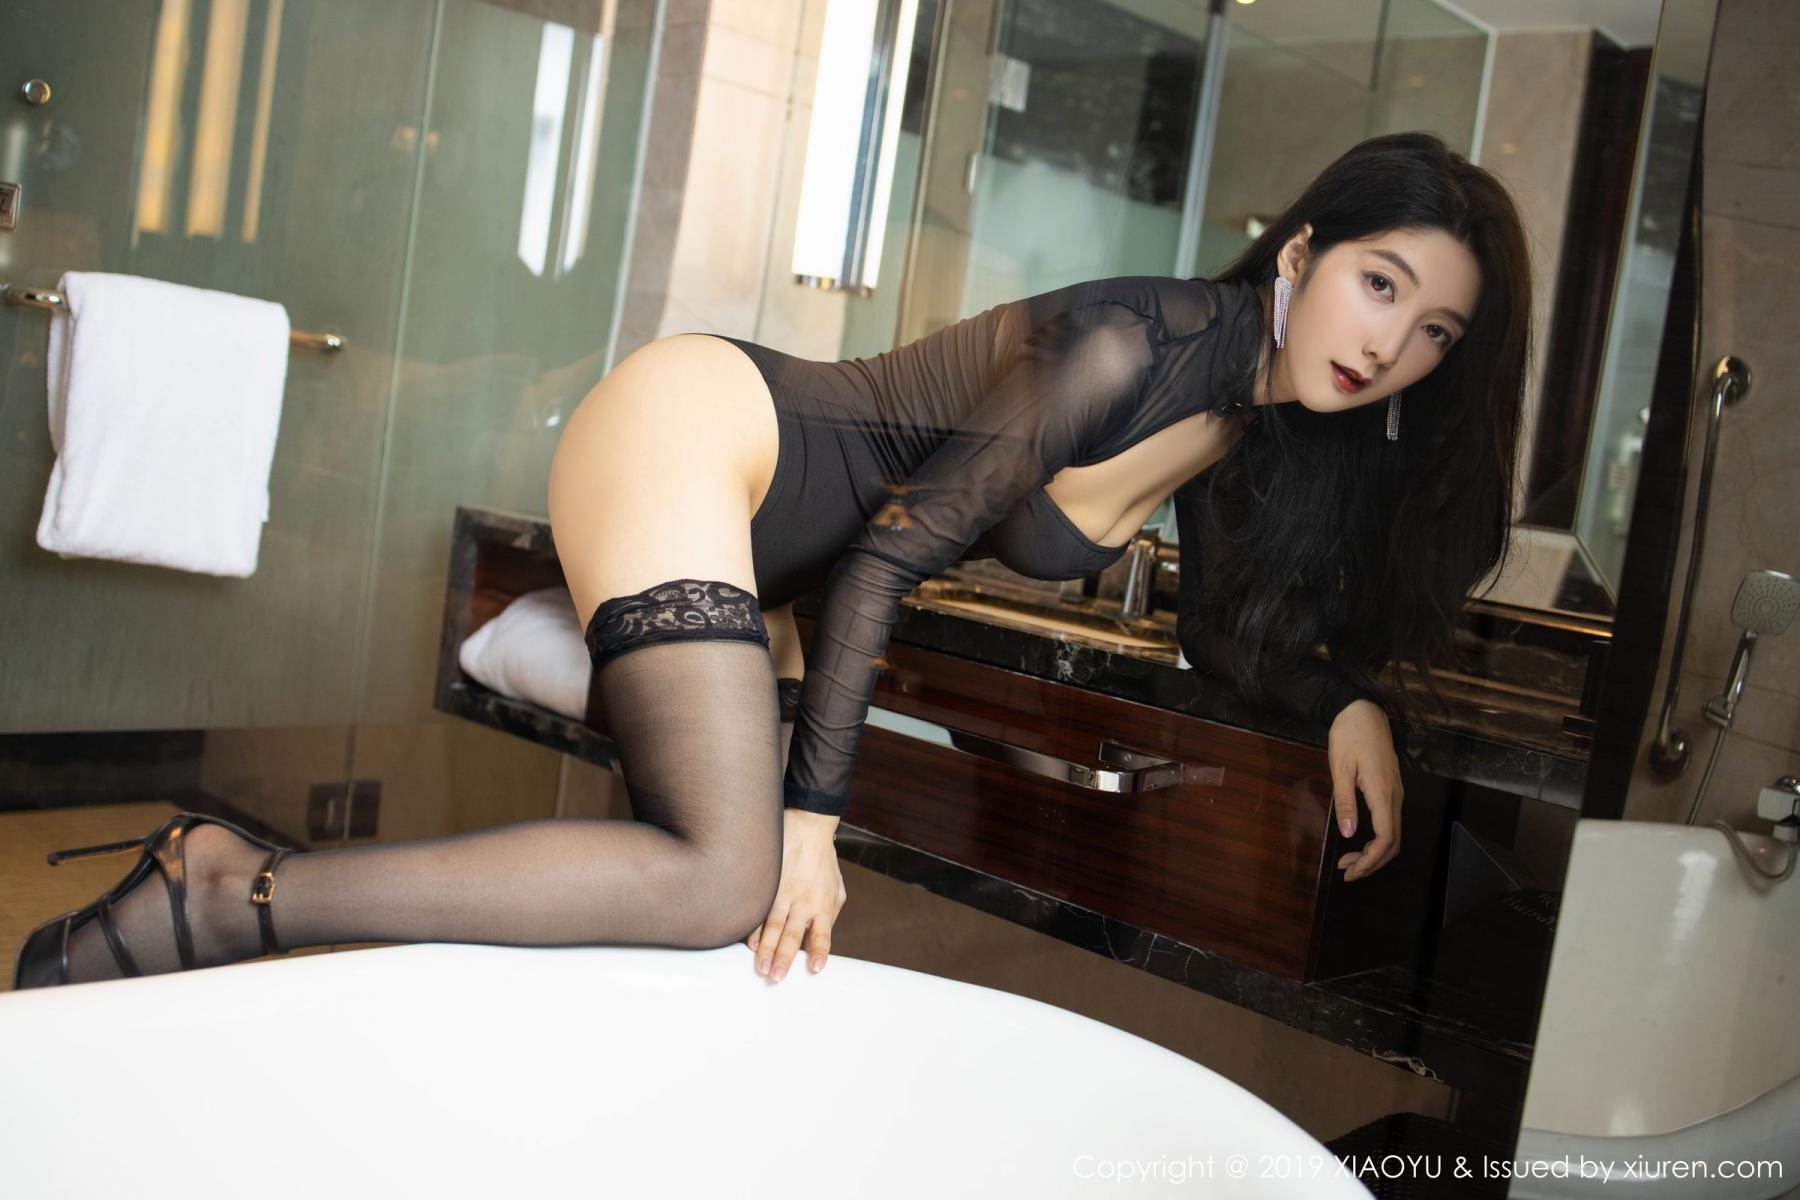 [XiaoYu] Vol.167 Di Yi 15P, Di Yi, XiaoYu